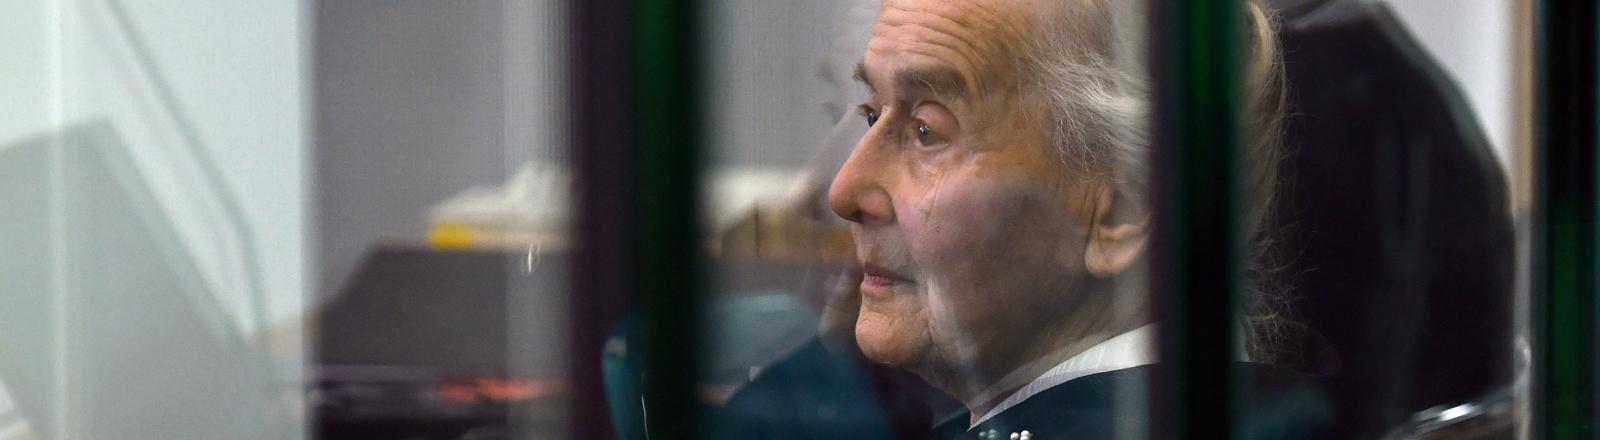 Alte Frau in einem Gerichtssaal.